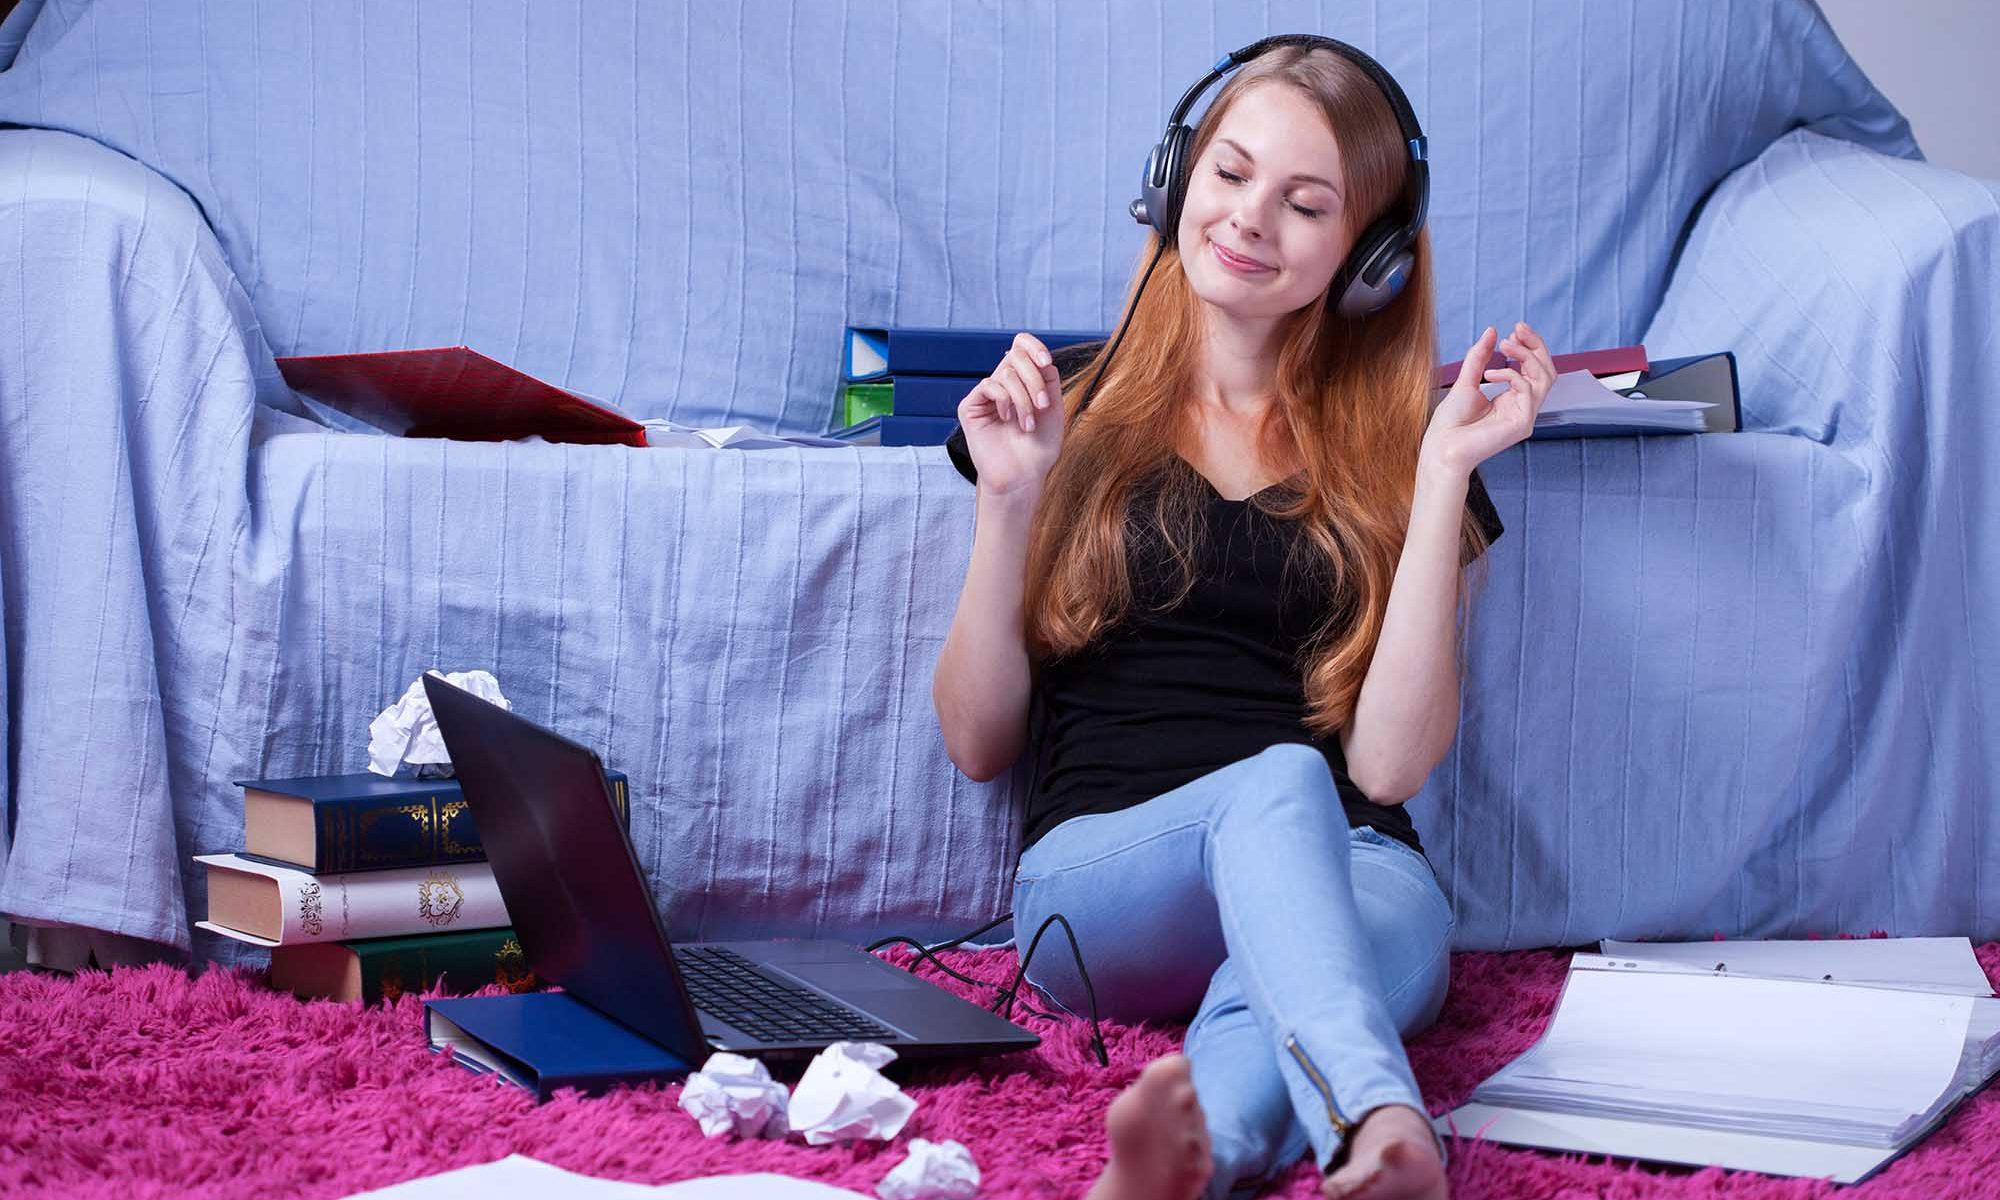 Música para estudiar y concentrarse.